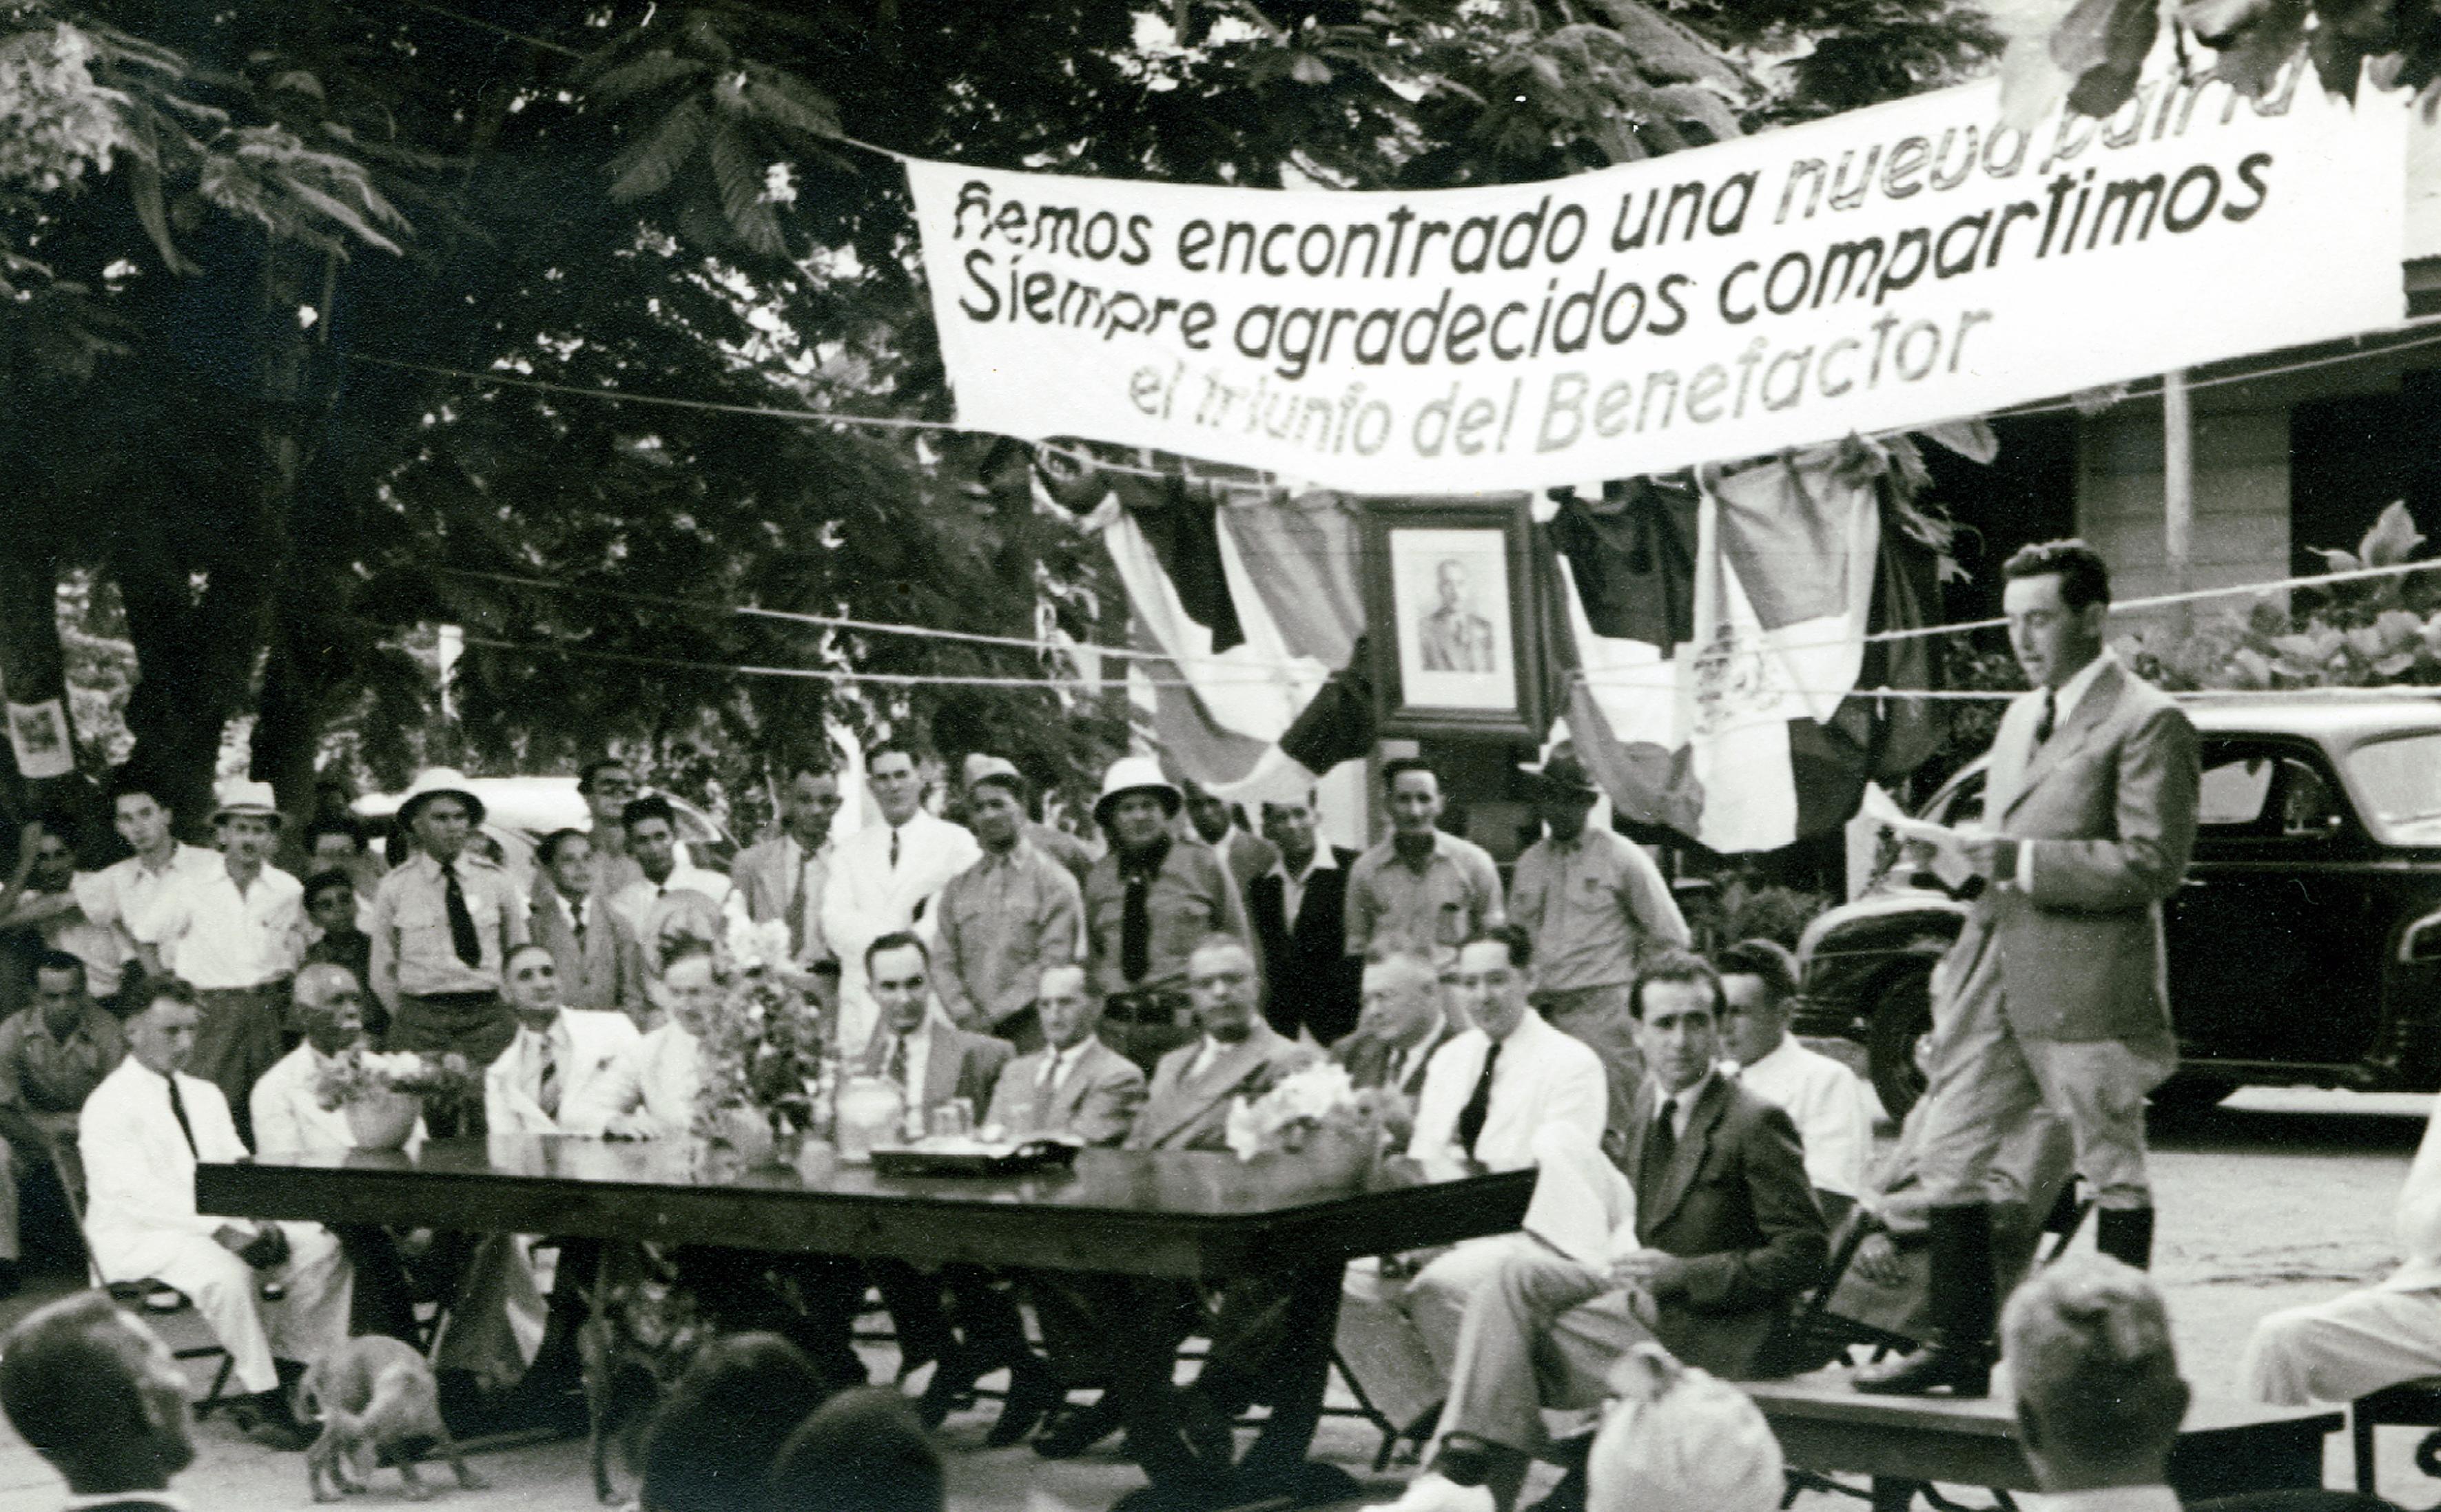 Wilhelm Steiner auf einer Veranstaltung in der Dominikanischen Republik